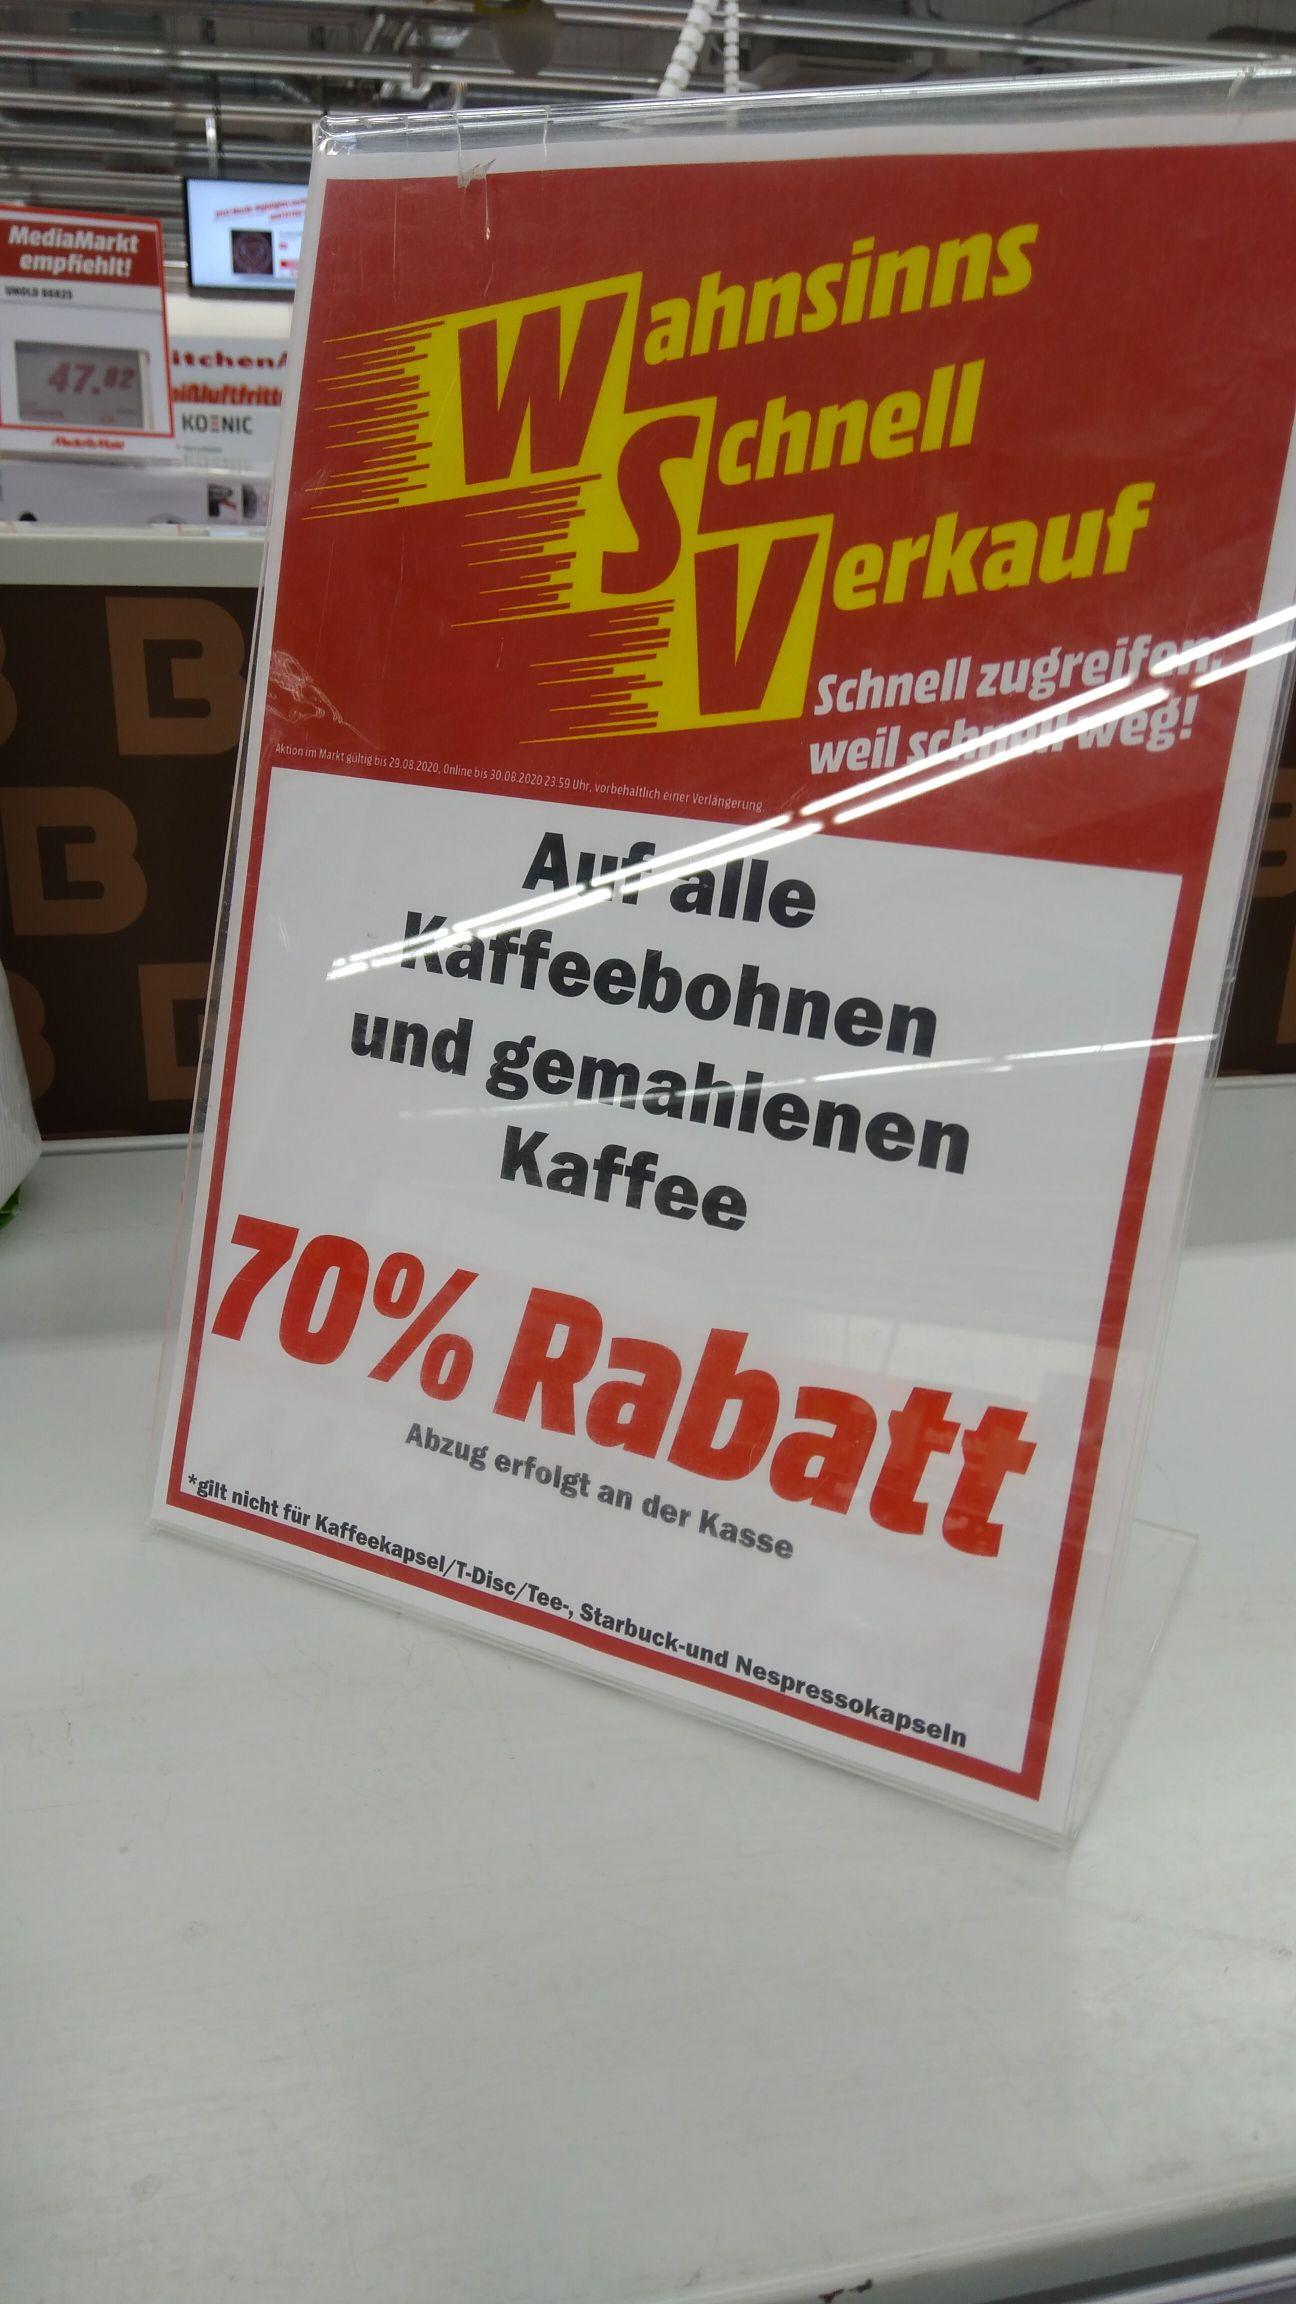 [Lokal Leipzig] Mediamarkt Kaffee -70%